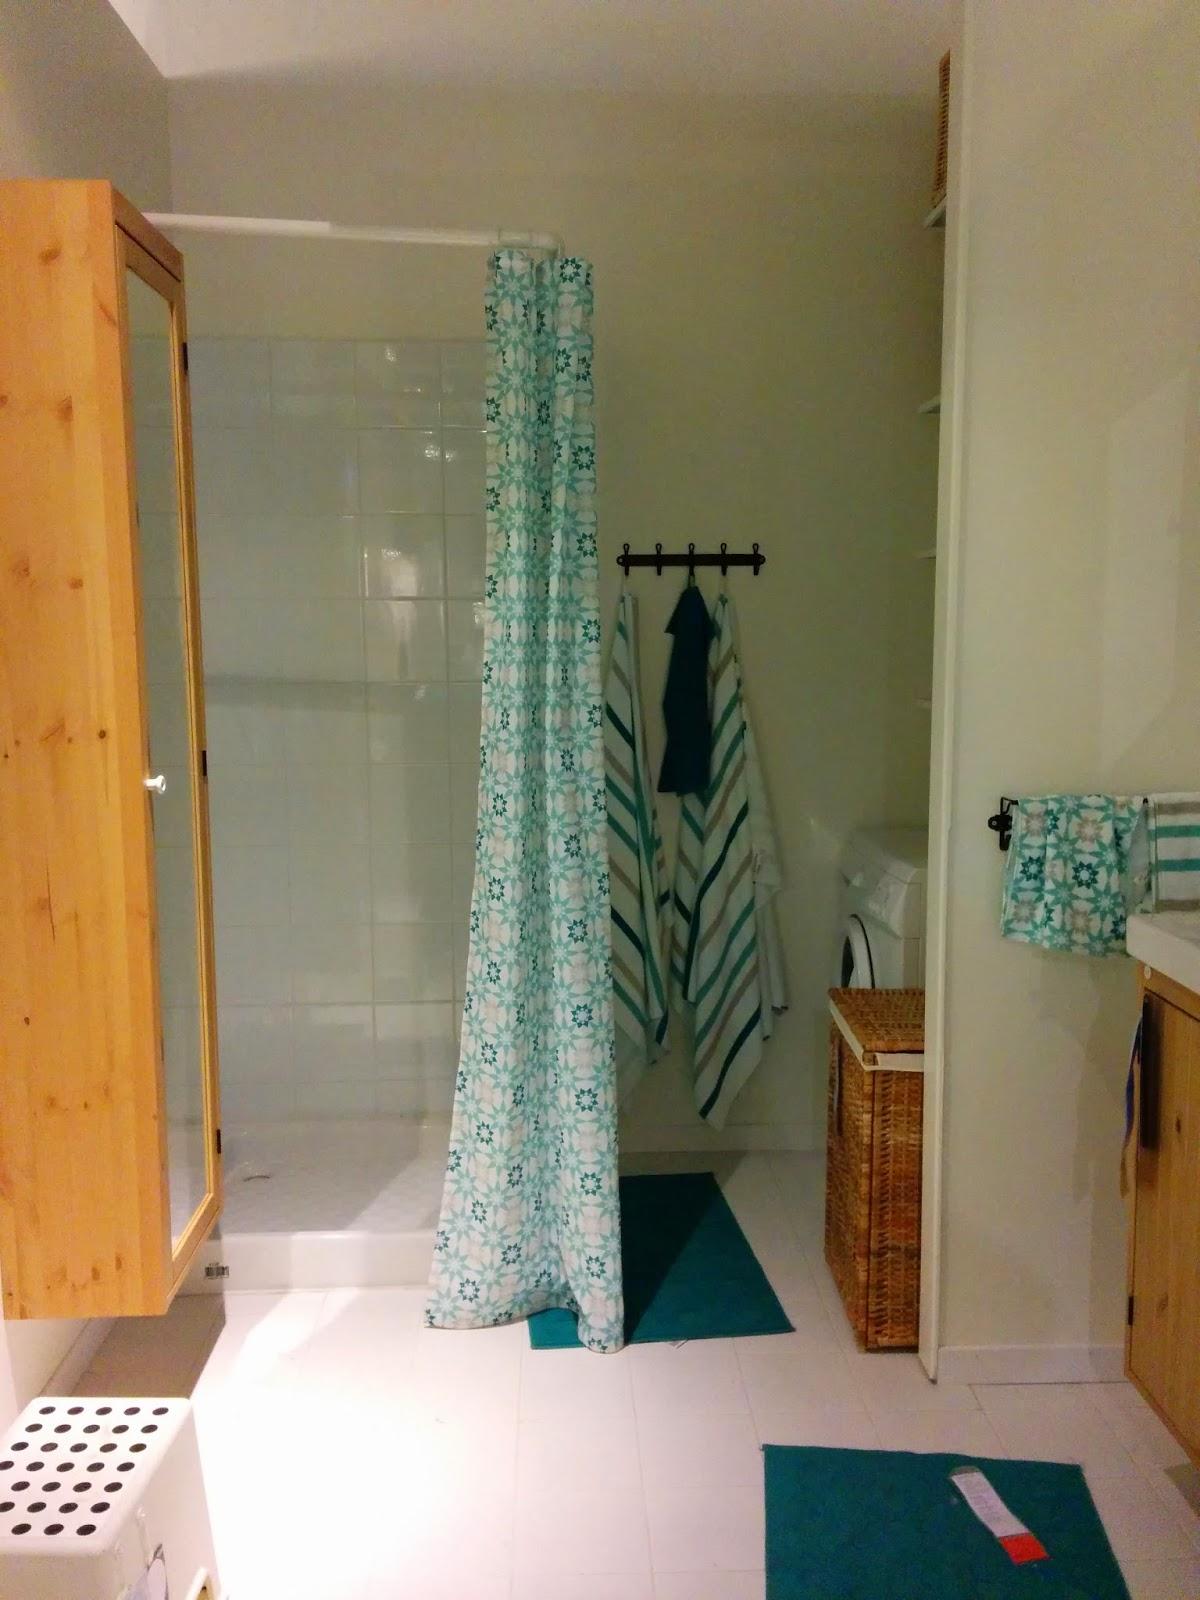 dans la srie juai pas beaucoup duargent pour rnover et ma trs petite salle de bains de m compter. Black Bedroom Furniture Sets. Home Design Ideas